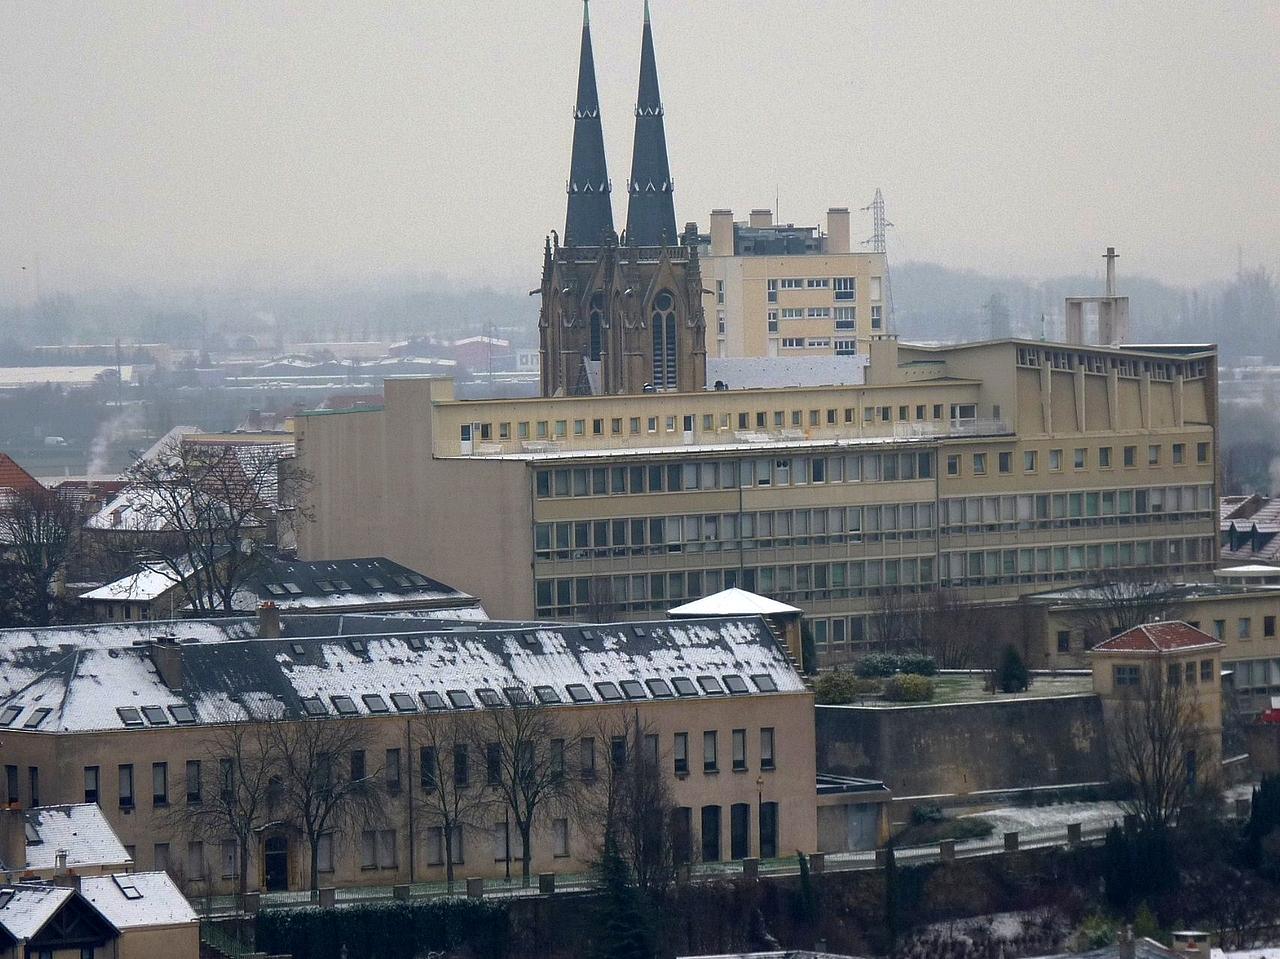 Metz au dessus du centre ville fier de vivre metz for Centre commercial grand tour sainte eulalie